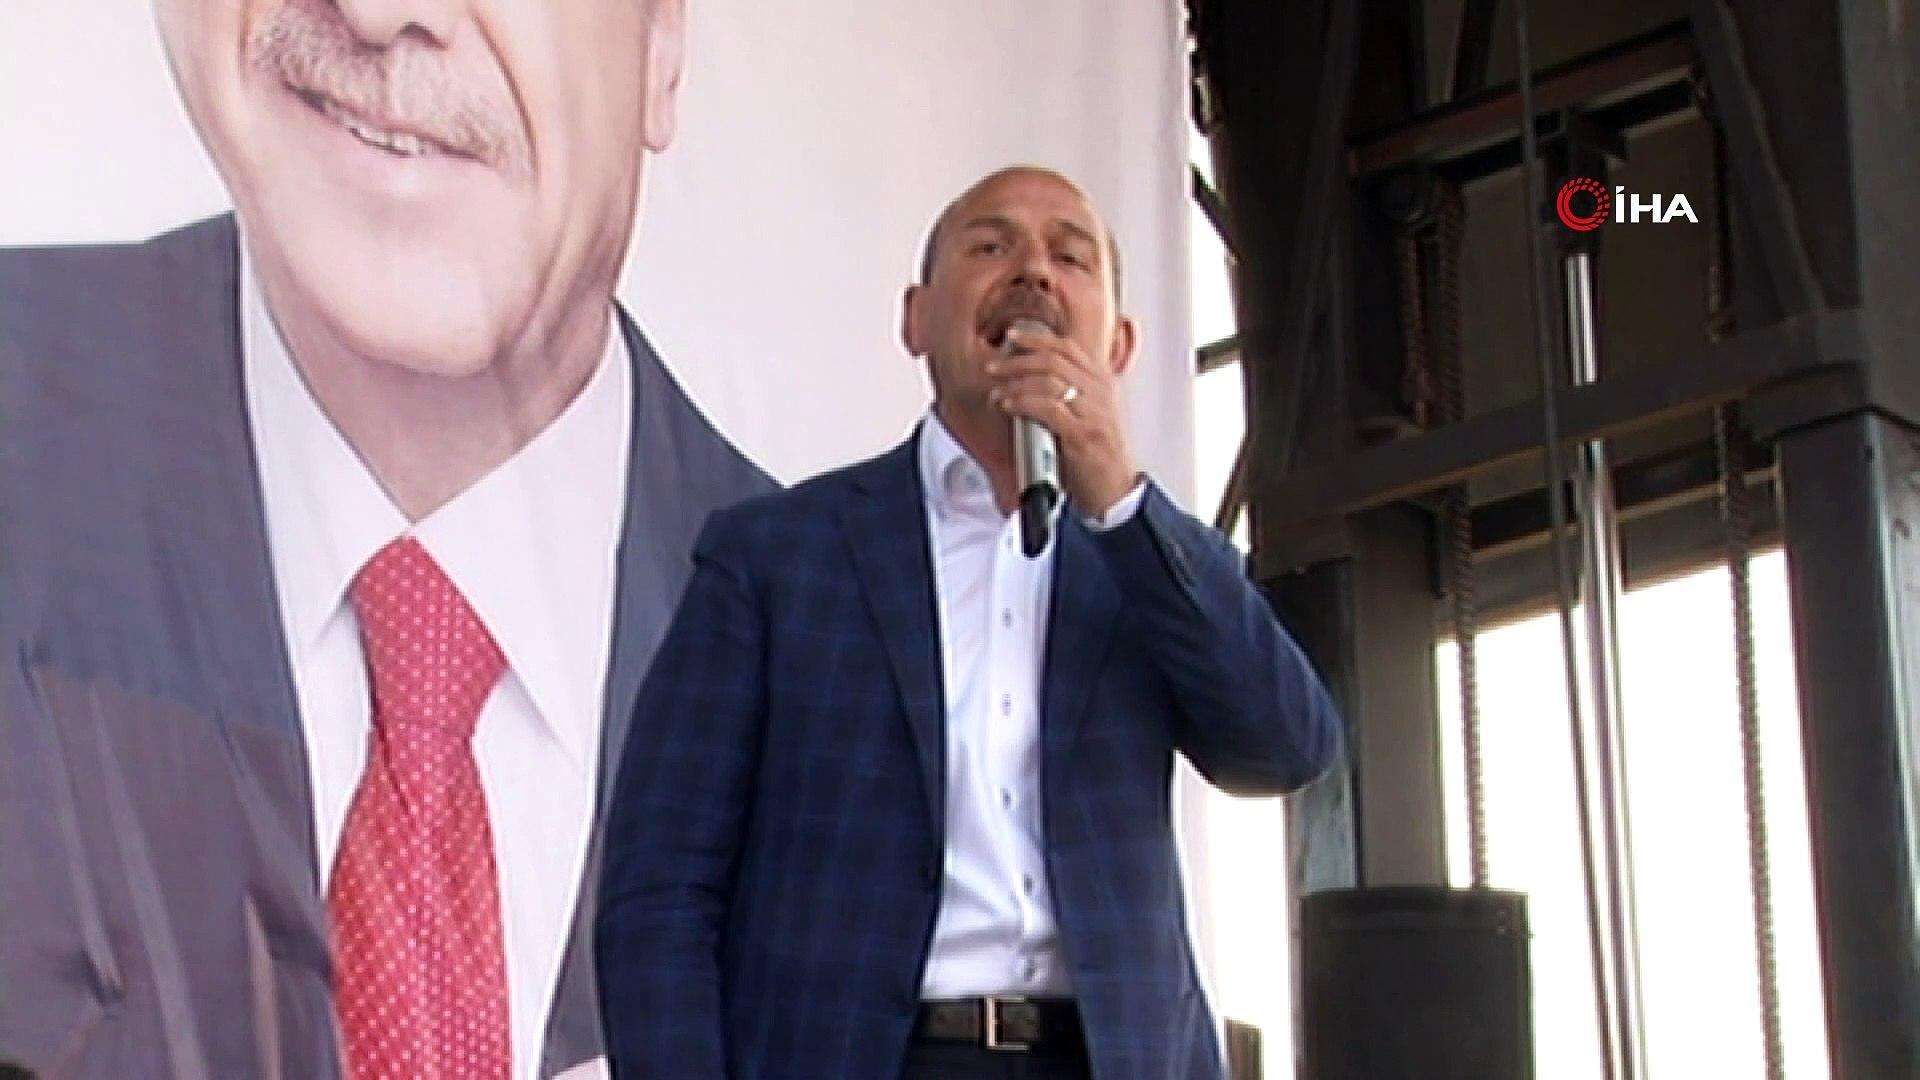 Bakan Soylu:' Doğru Yol Partisinden niye ayrıldın ? Tansu Çiller'e niye ihanet ettin'